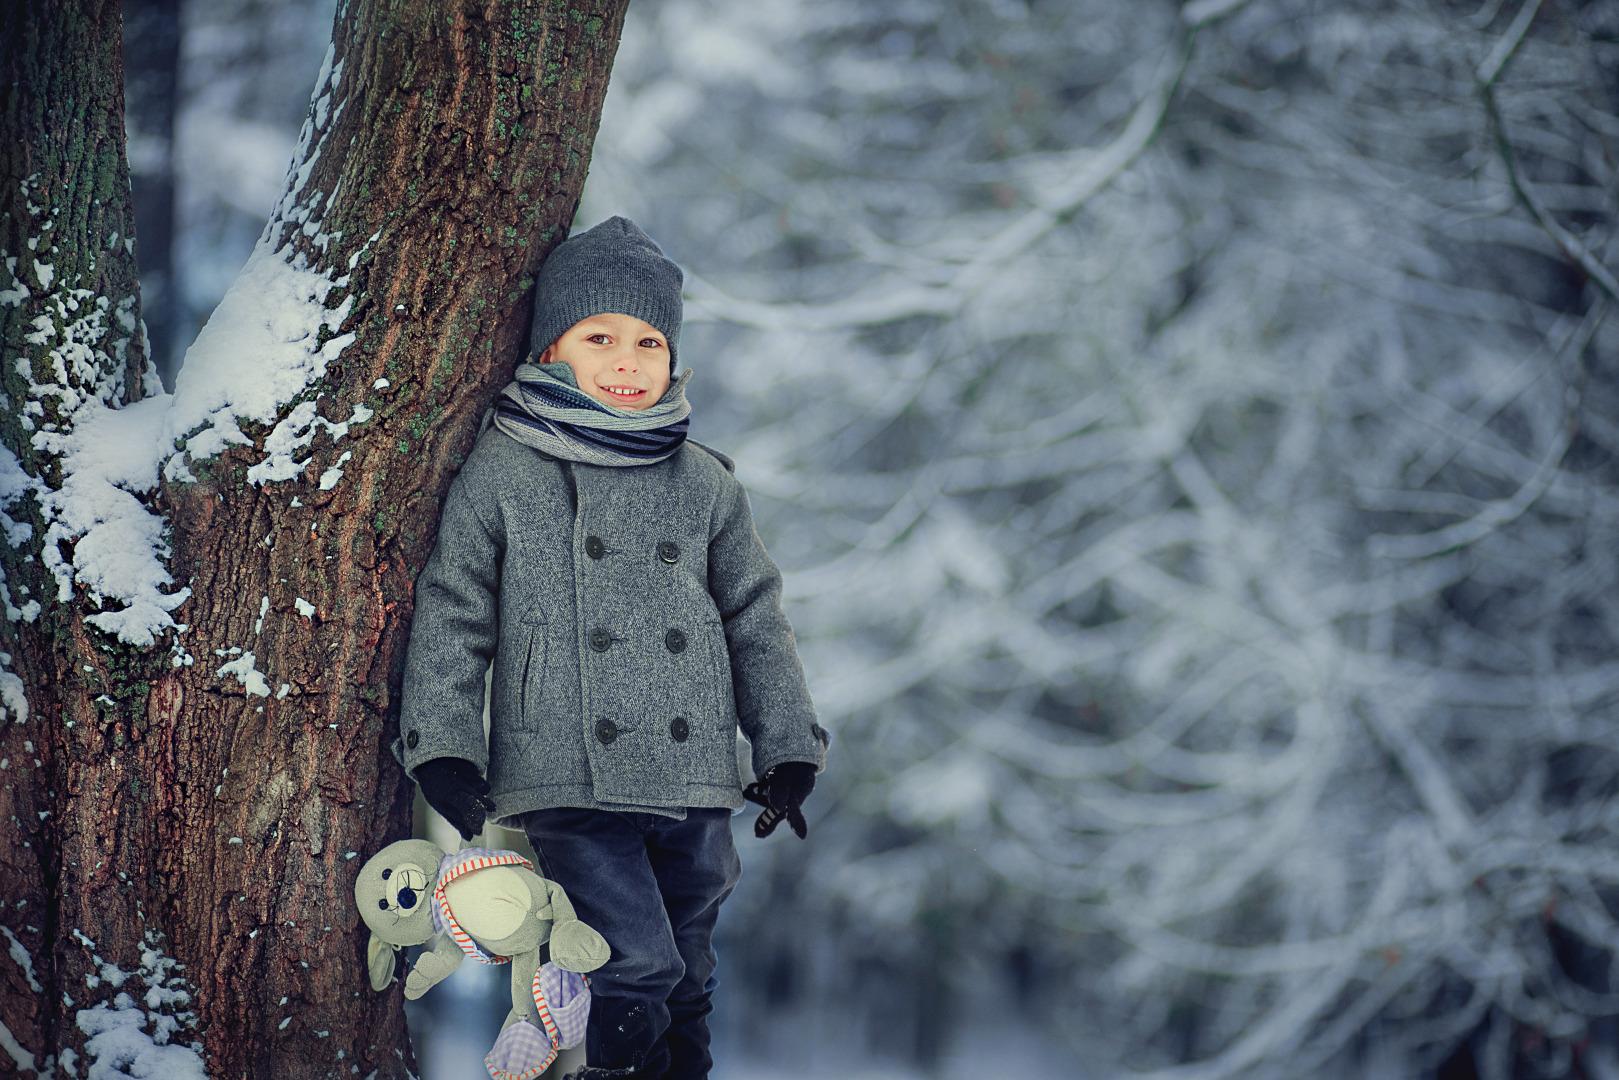 справа показывает фотосессия с детьми зимние этом красивые